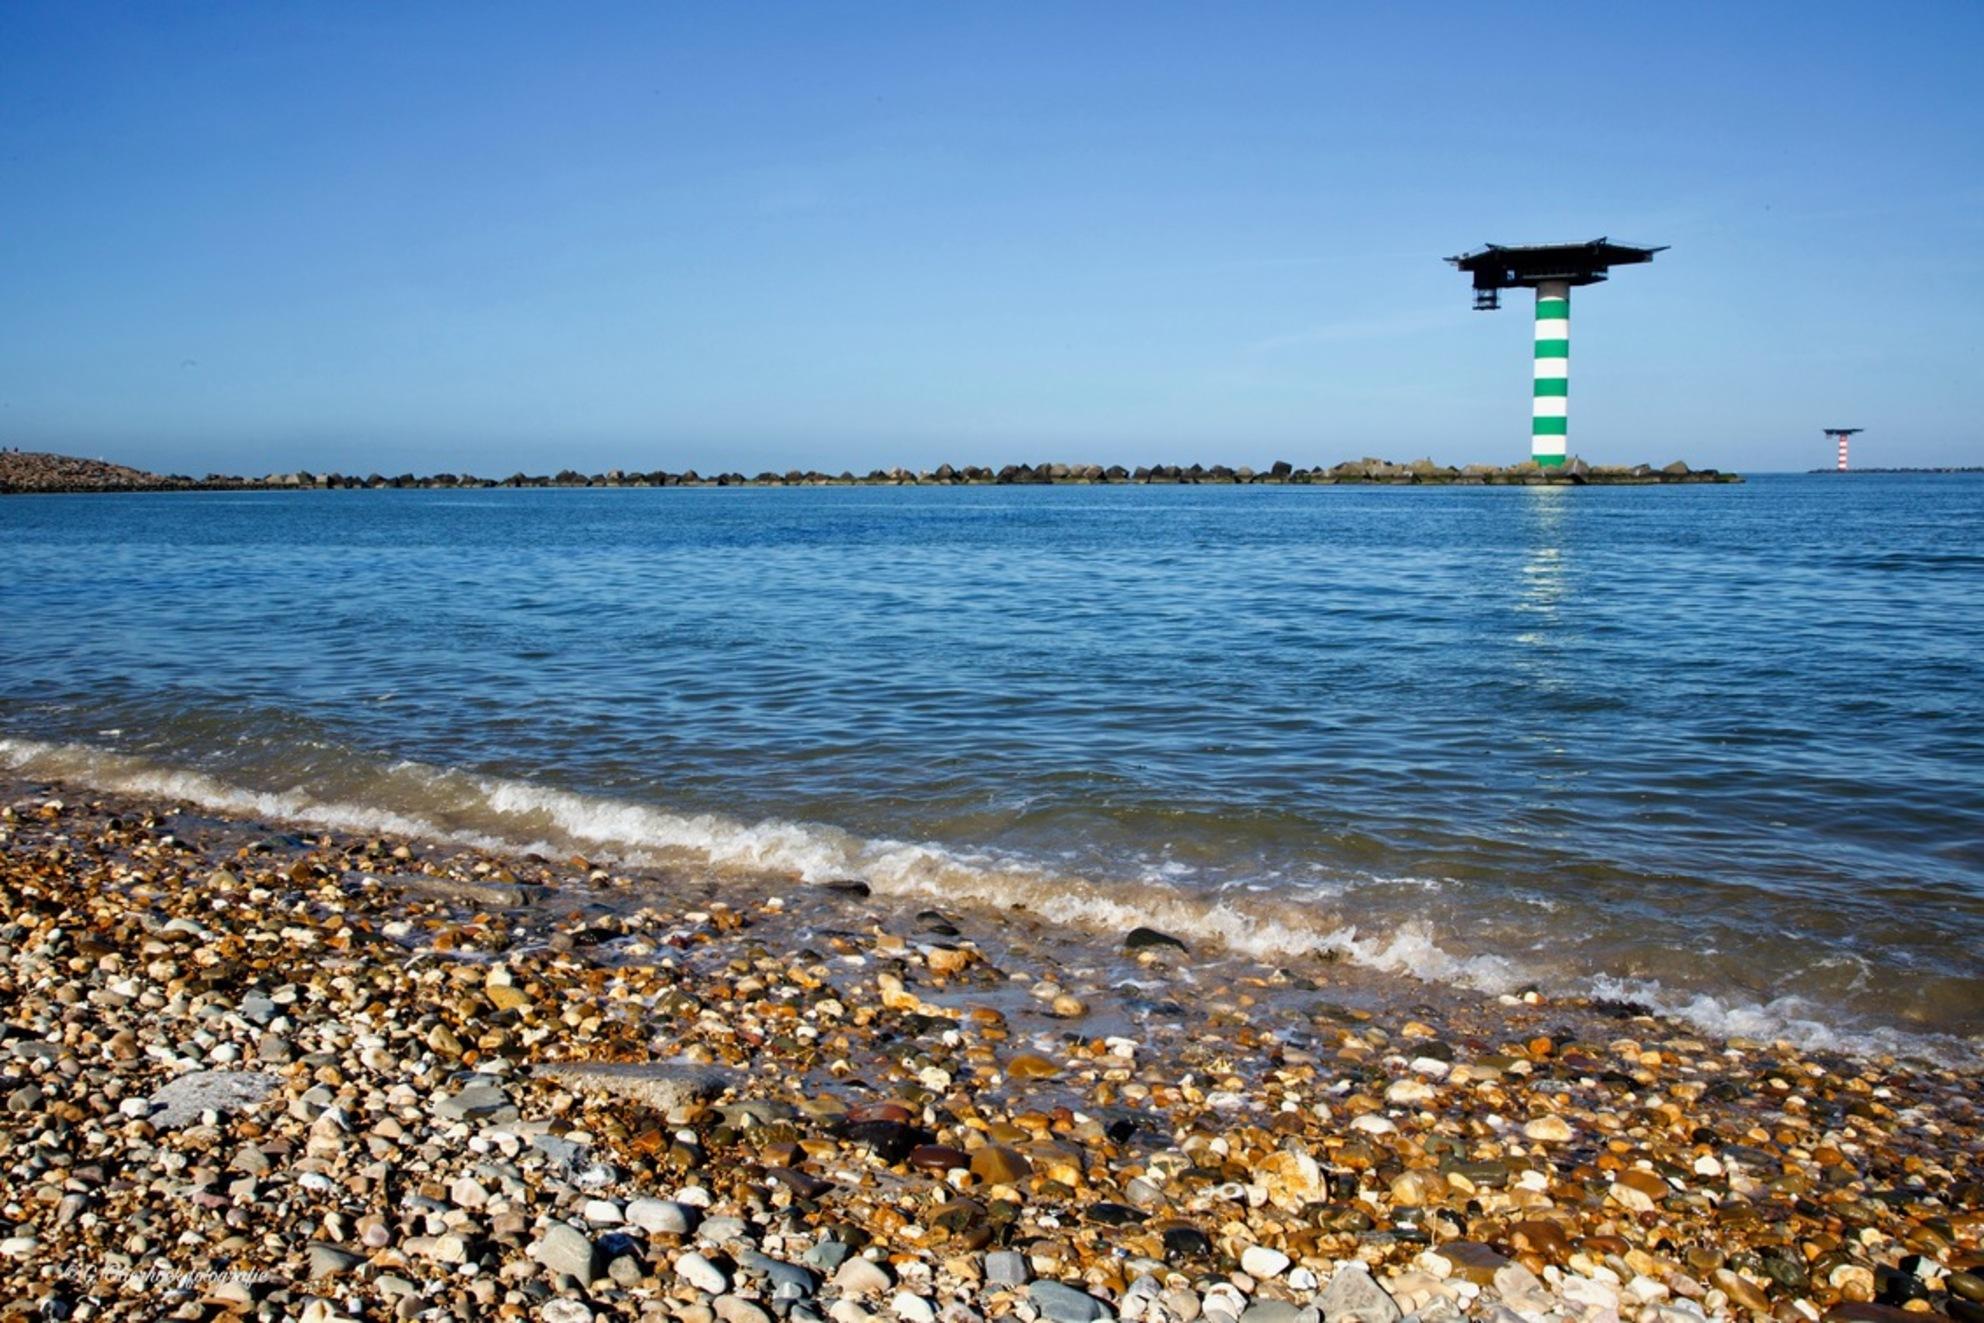 Maasvlakte 3 - Kijk hem ff in het groot.  Mijn motto: Morgen maak ik mijn mooiste foto!  En bedankt voor de reacties bij de vorige uploads. - foto door de-lasser2019 op 02-03-2021 - deze foto bevat: lucht, wolken, zon, strand, zee, dijk, natuur, landschap, duinen, zand, kust, kiezels, helikoperplateau - Deze foto mag gebruikt worden in een Zoom.nl publicatie